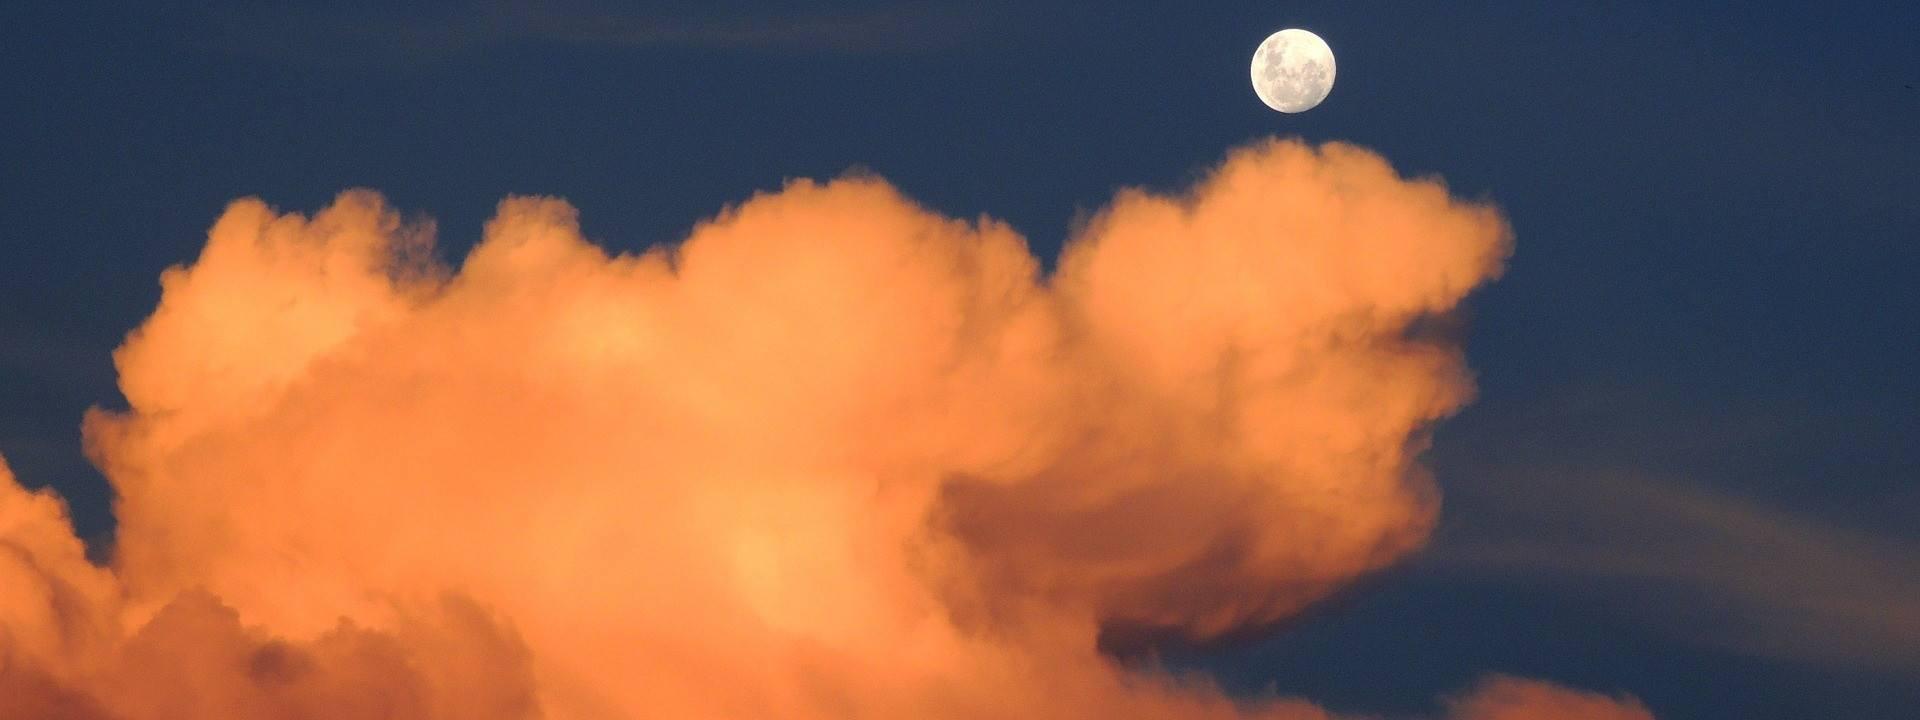 Pełnia Księżyca już 23 listopada